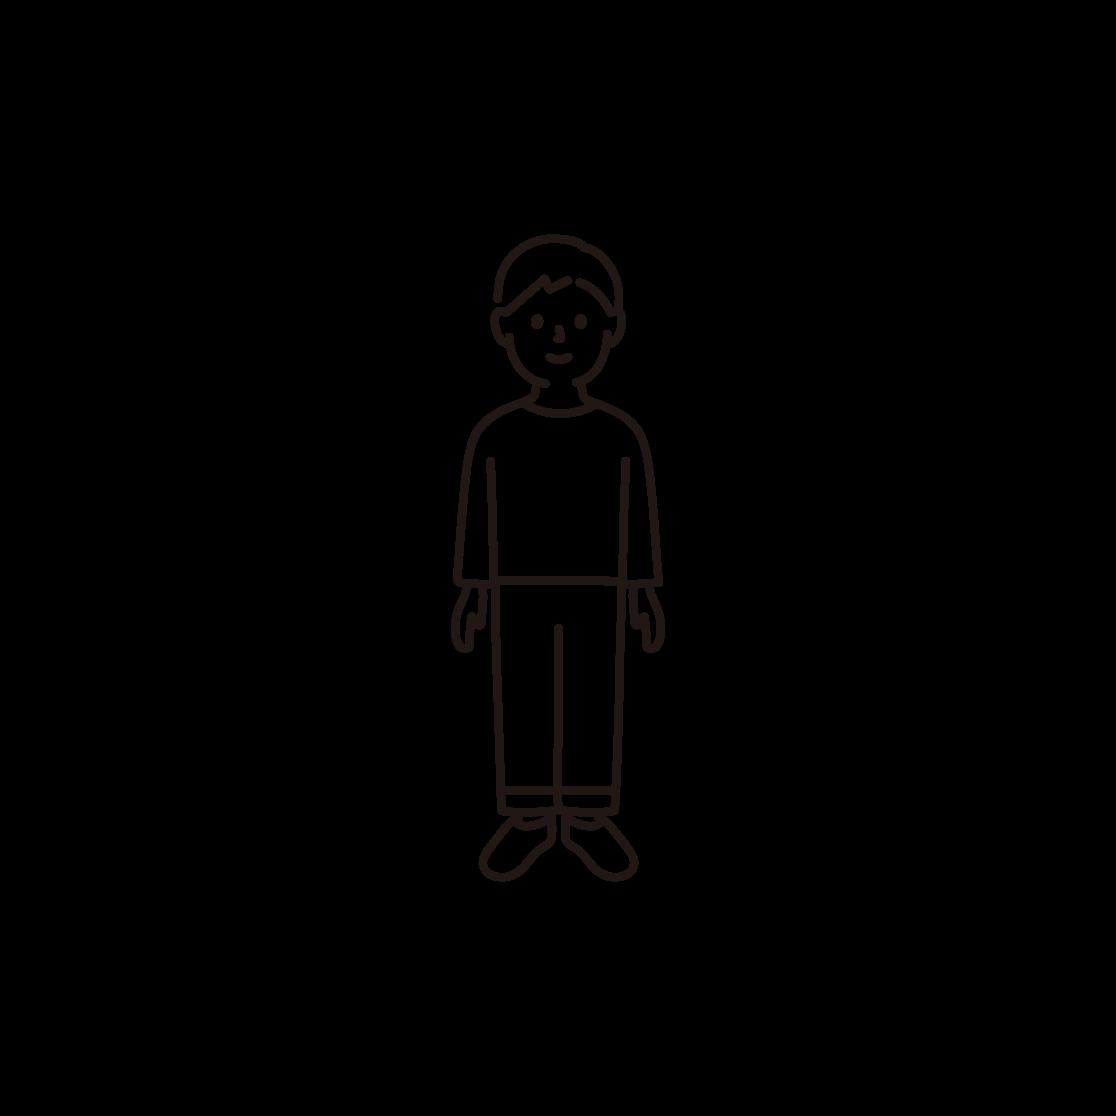 子ども(男の子)の線画イラスト